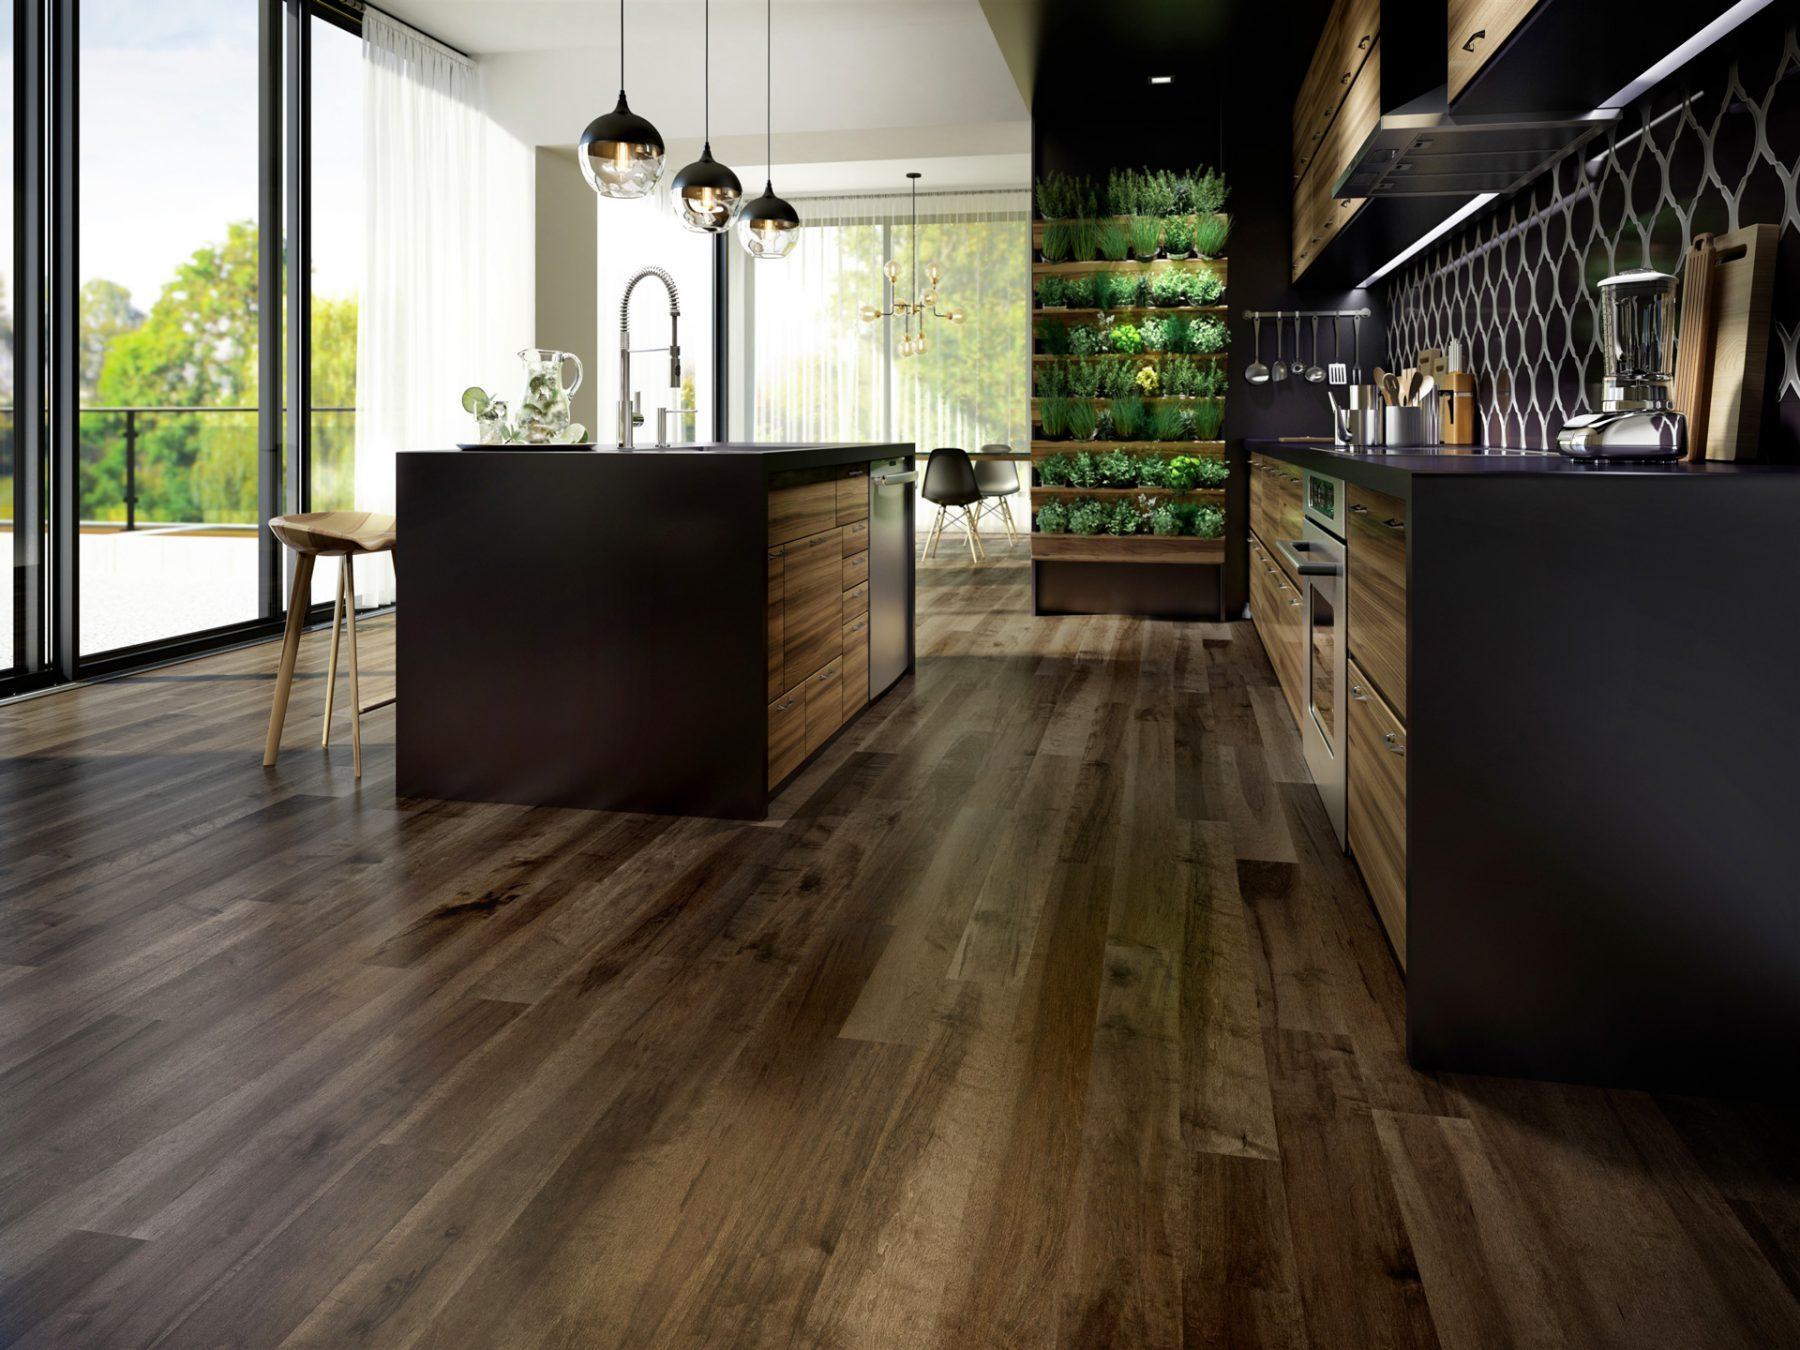 interior-design-prices-rural-industrial-kitchen